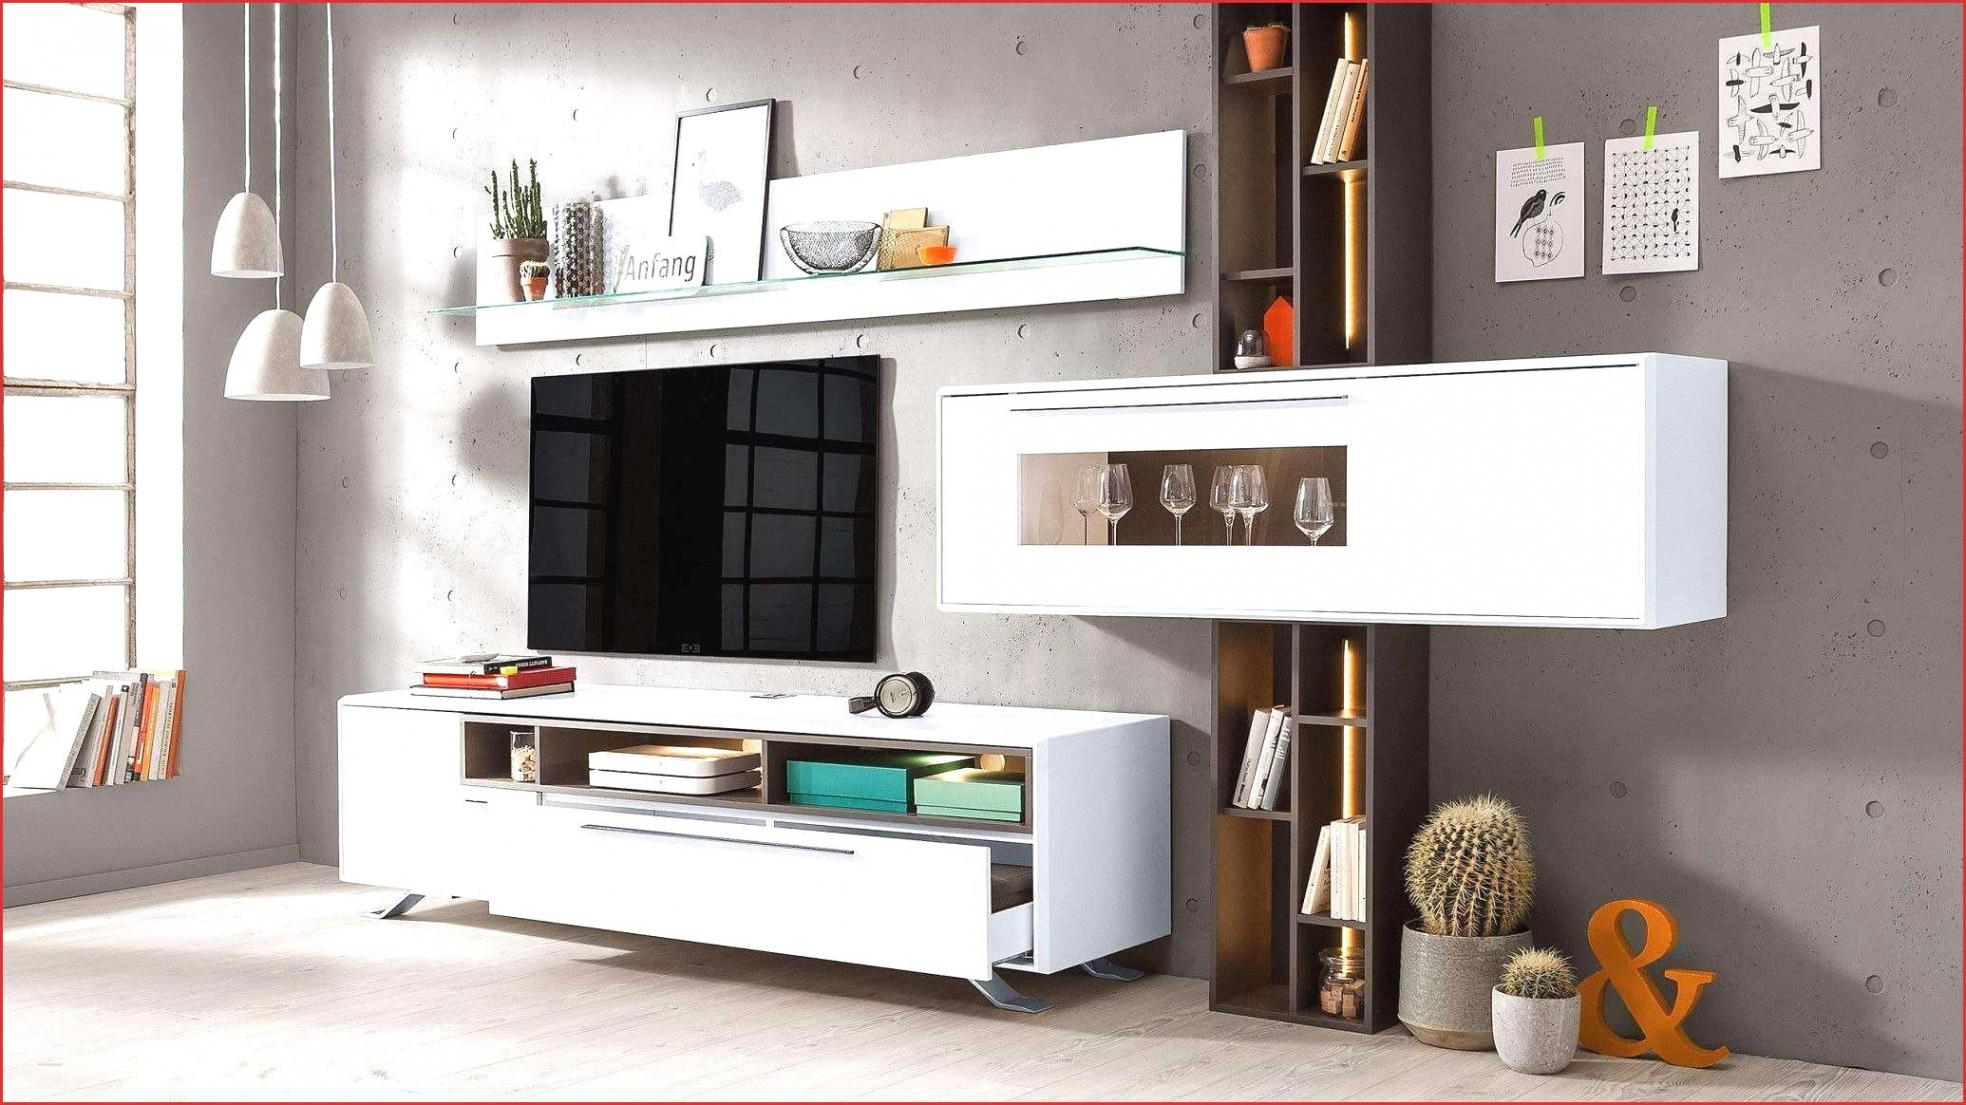 deko wohnzimmer einzigartig dekoration wohnzimmer pflanzen luxus pflanzen im wohnzimmer pflanzen im wohnzimmer